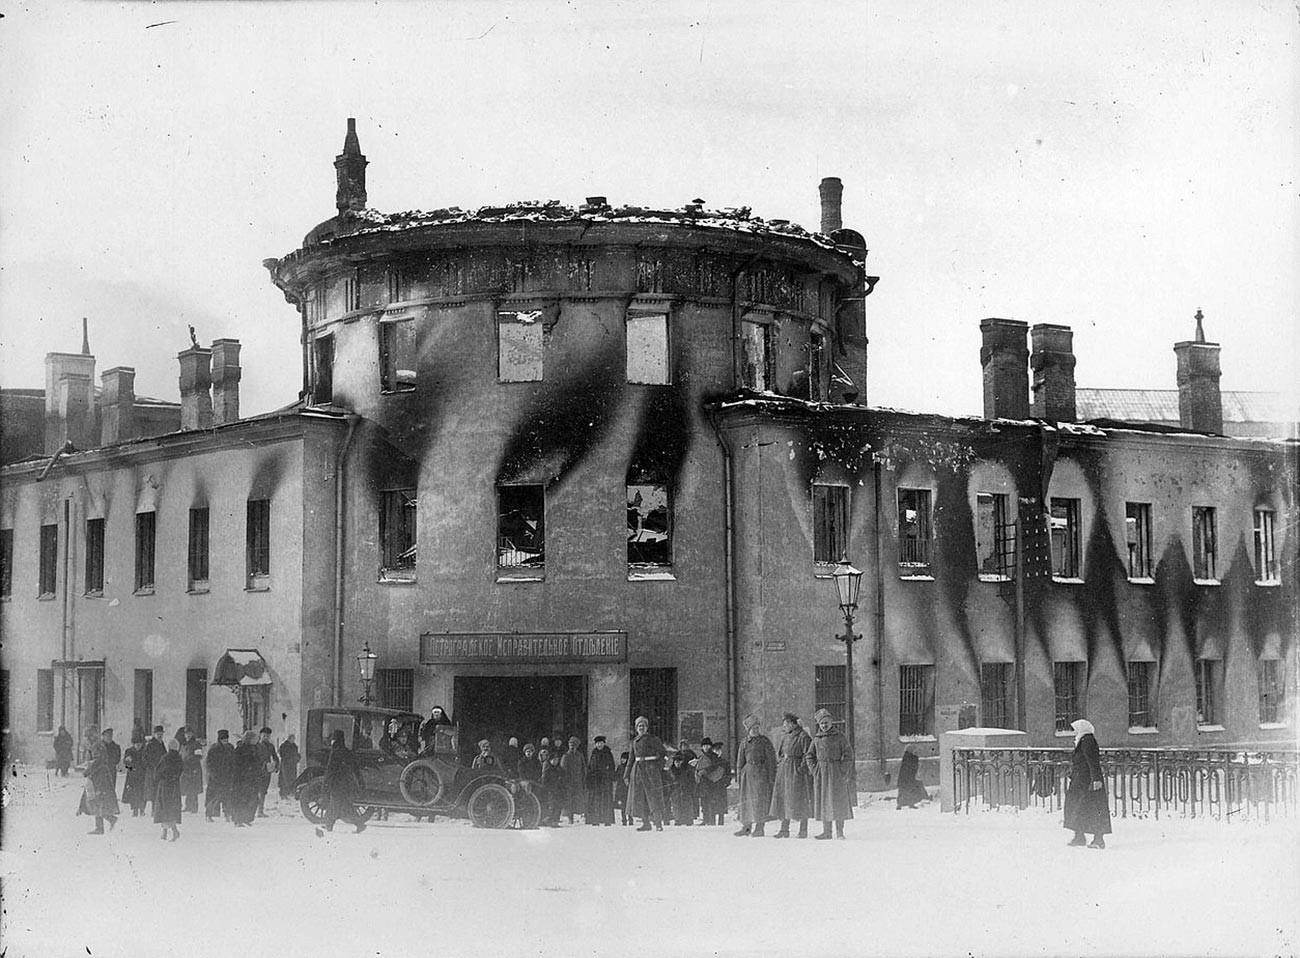 Kastil Lithuania, salah satu penjara Petrograd yang dibakar oleh para perusuh.